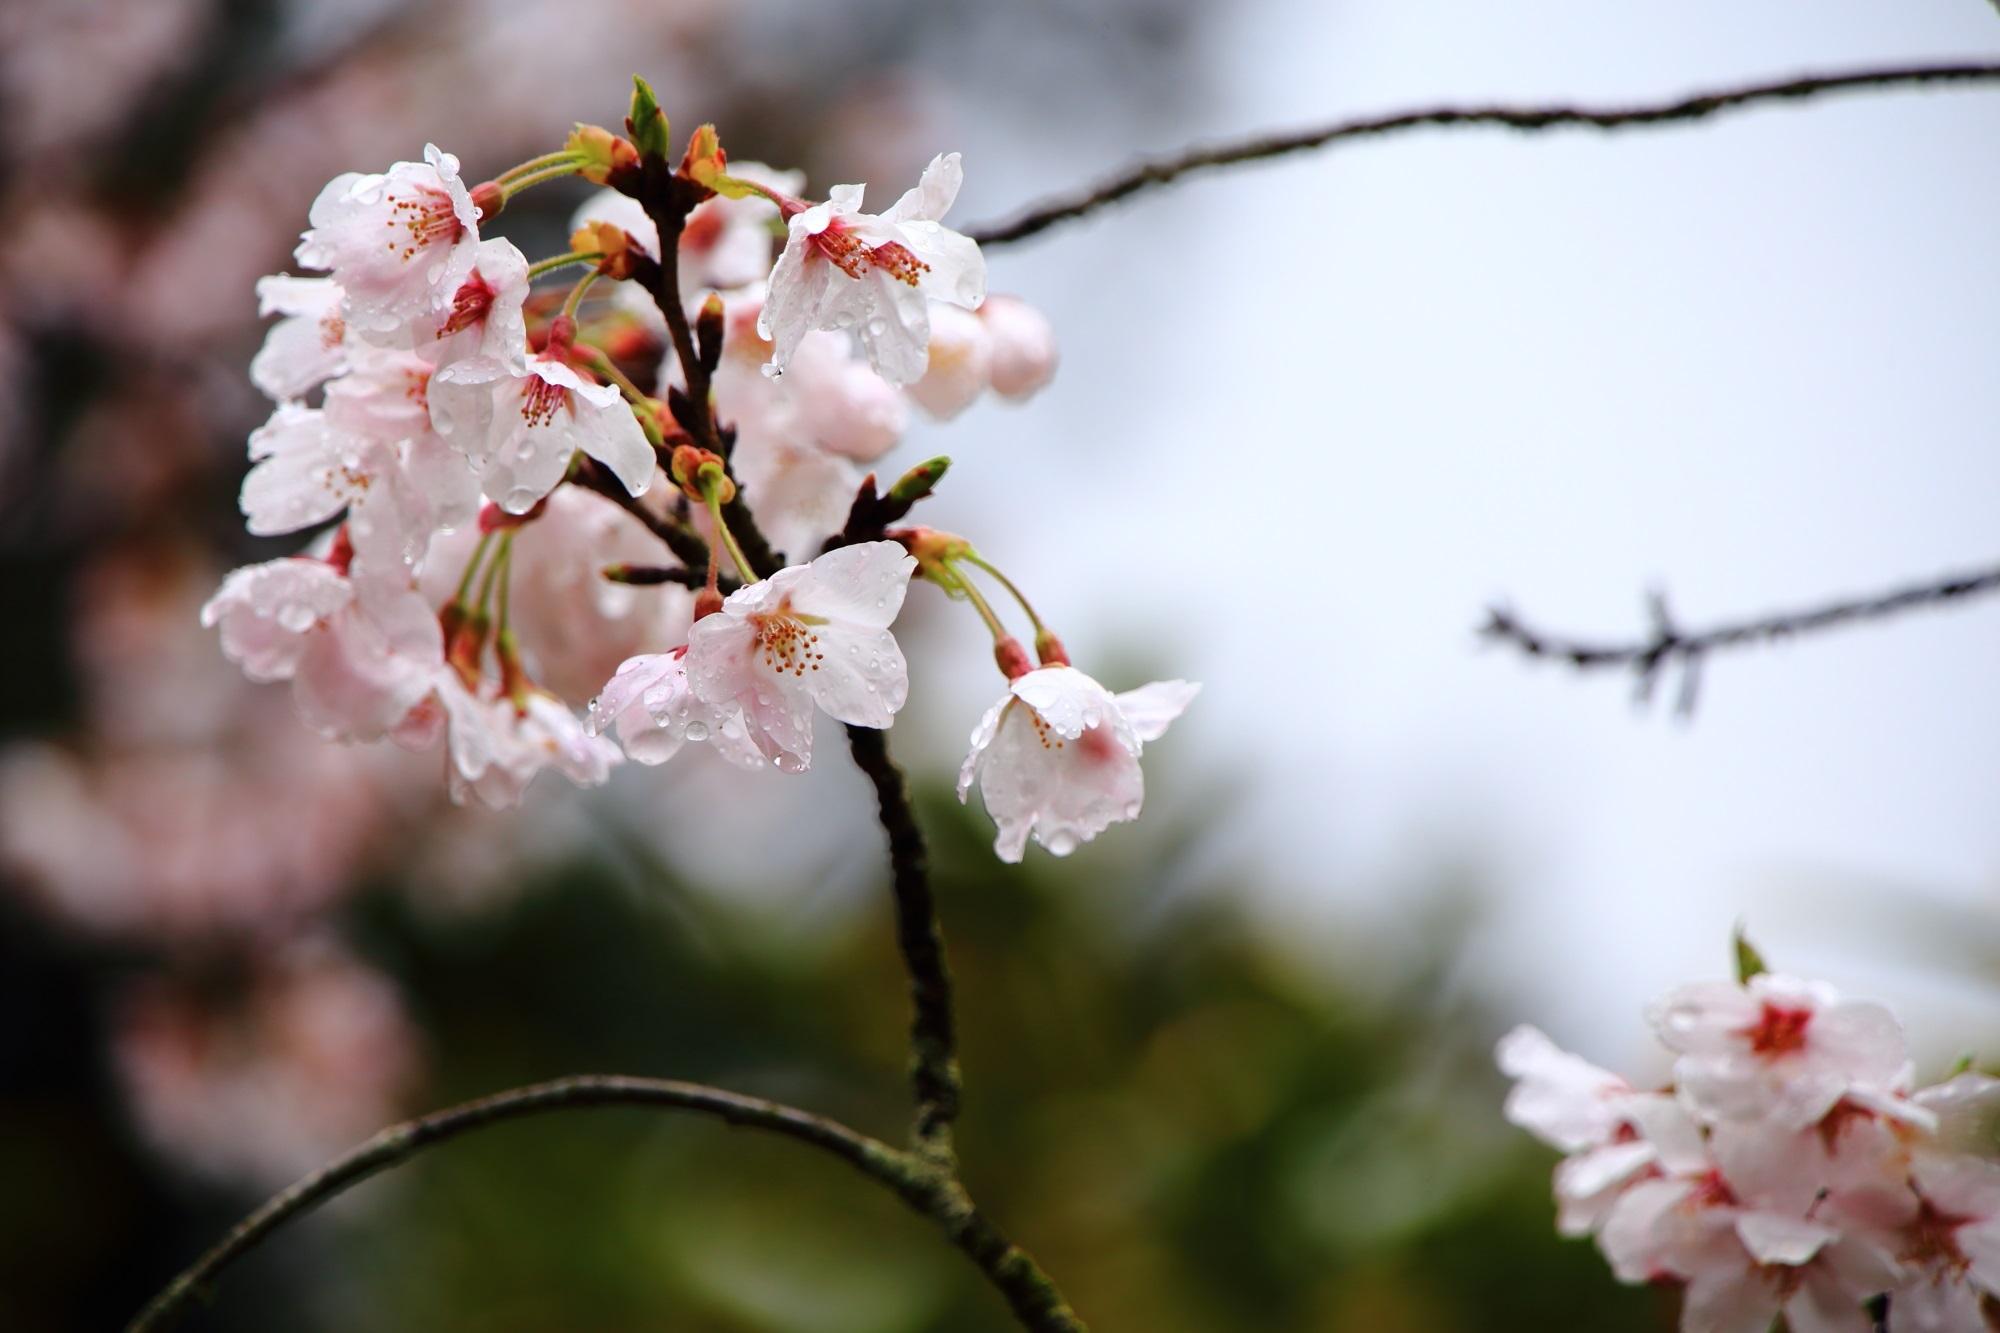 可愛らしい可憐な桜の花